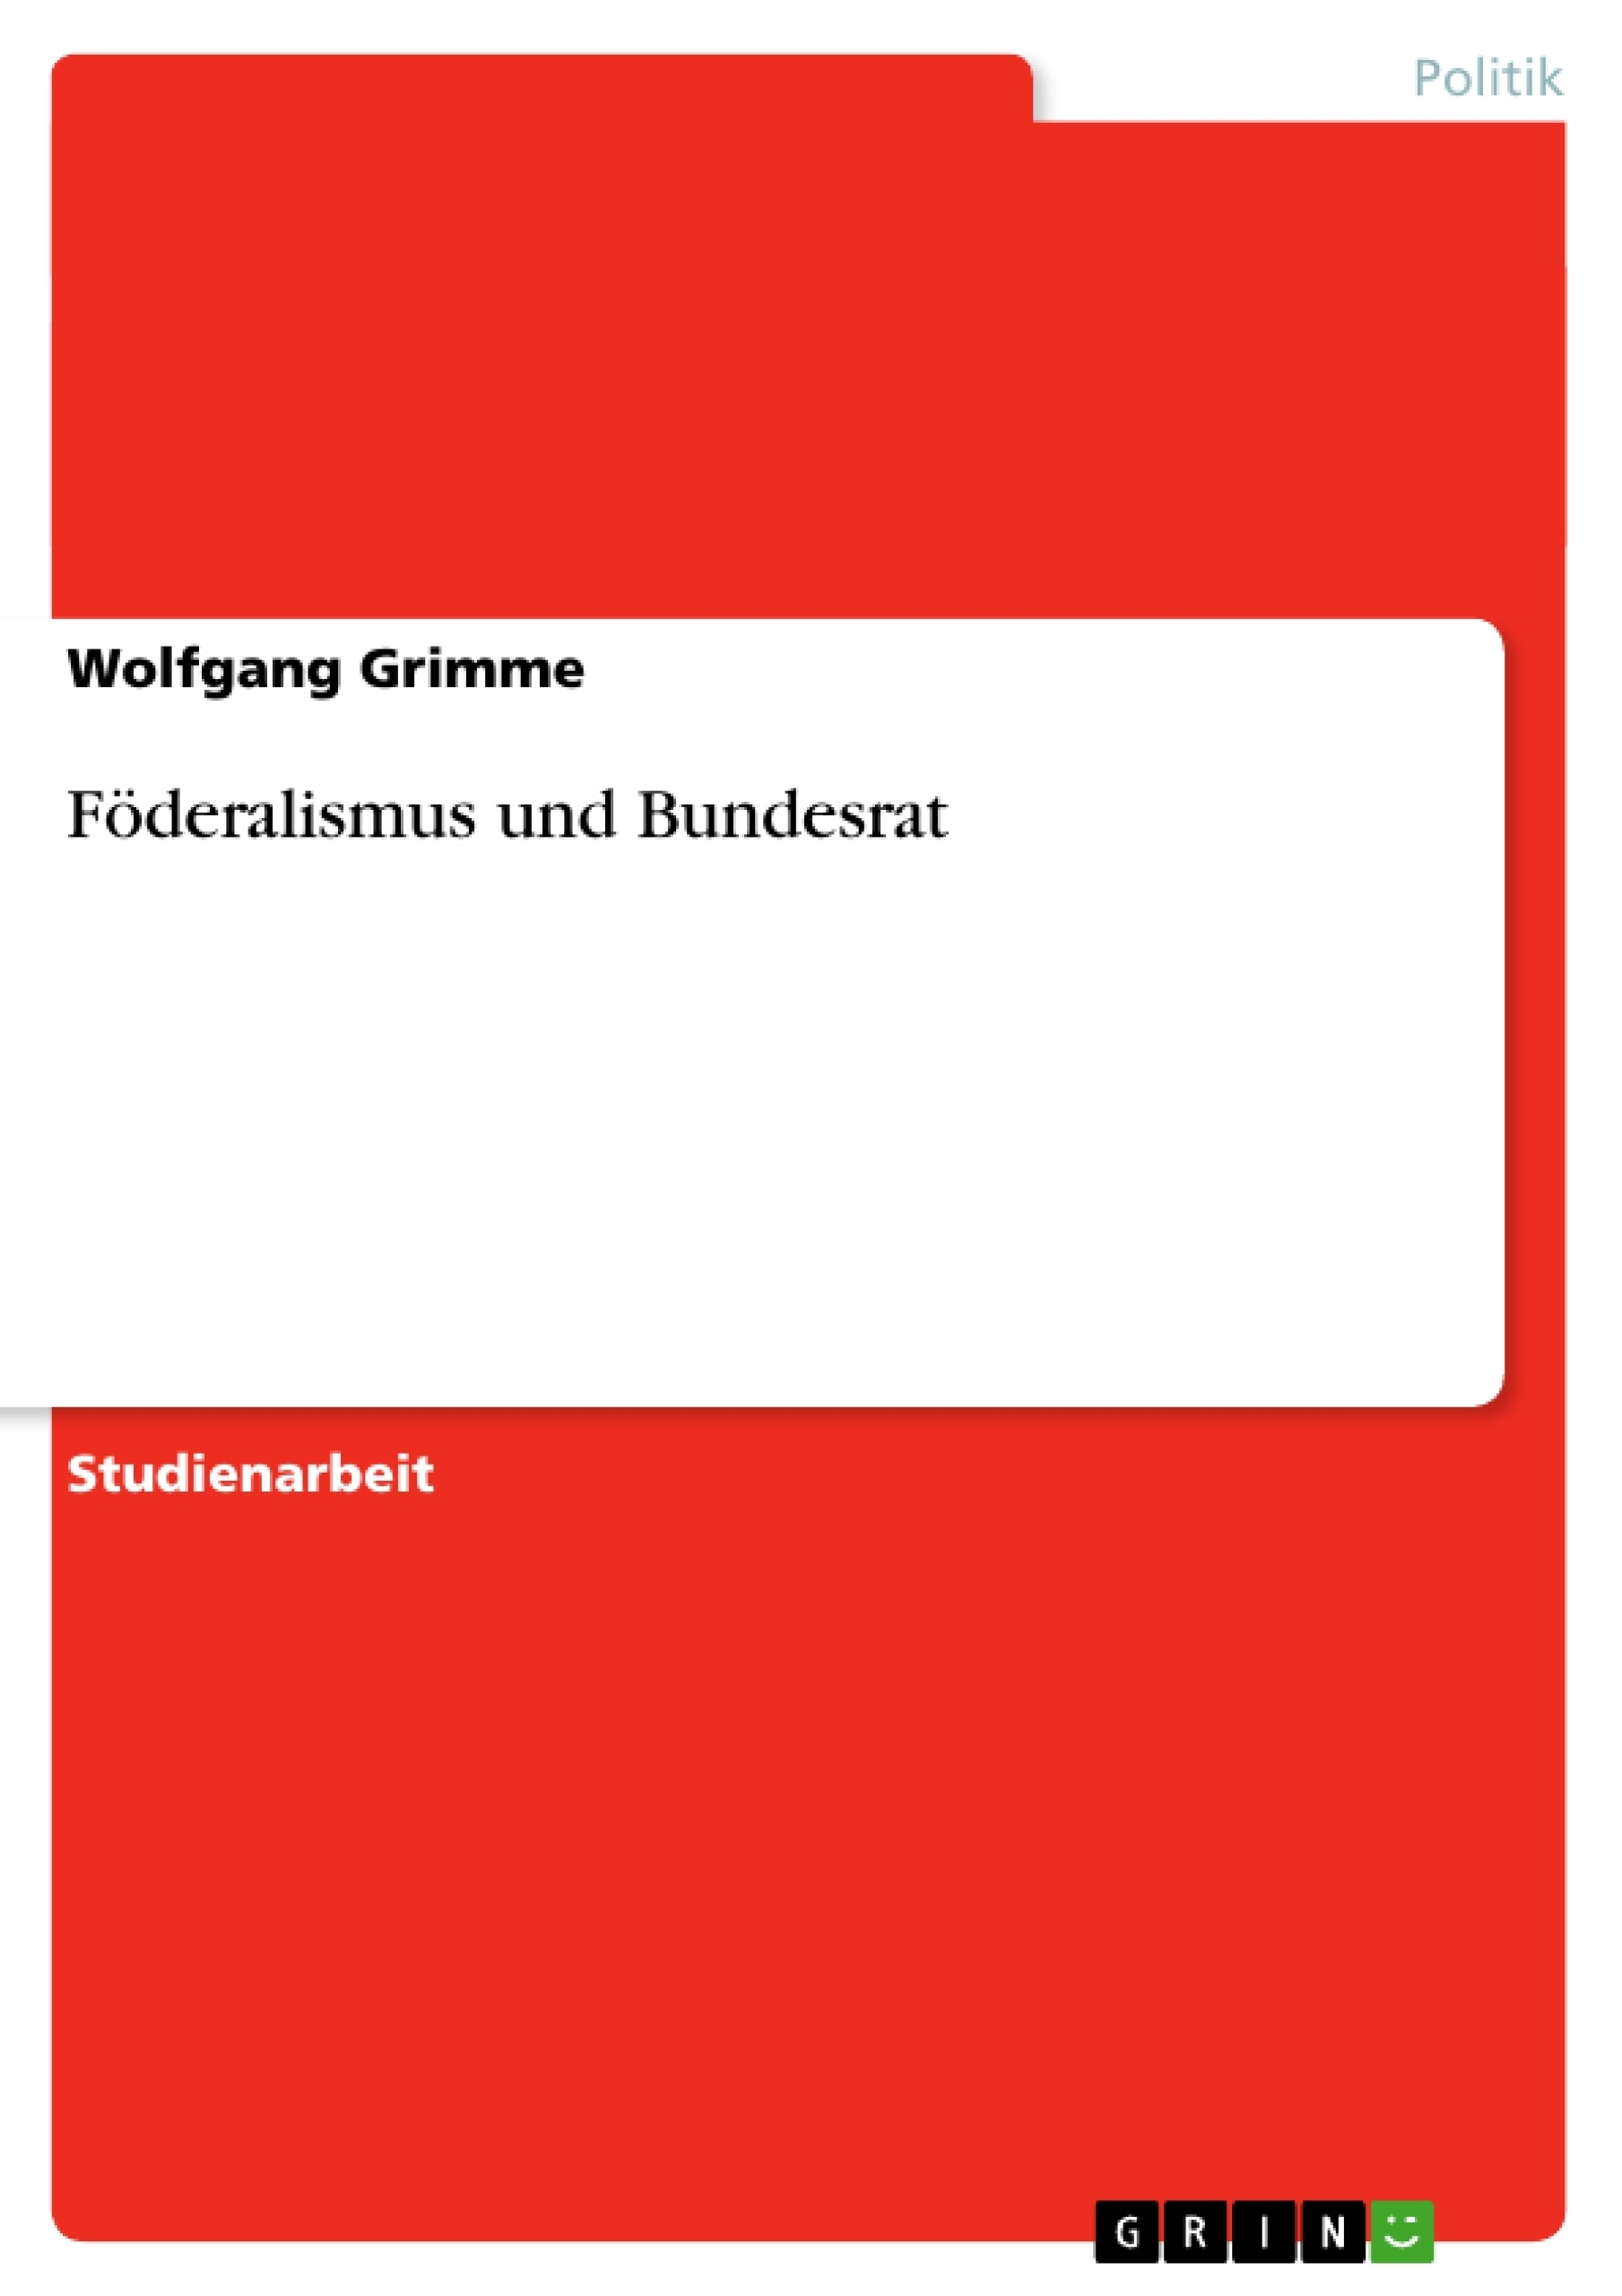 Titel: Föderalismus und Bundesrat